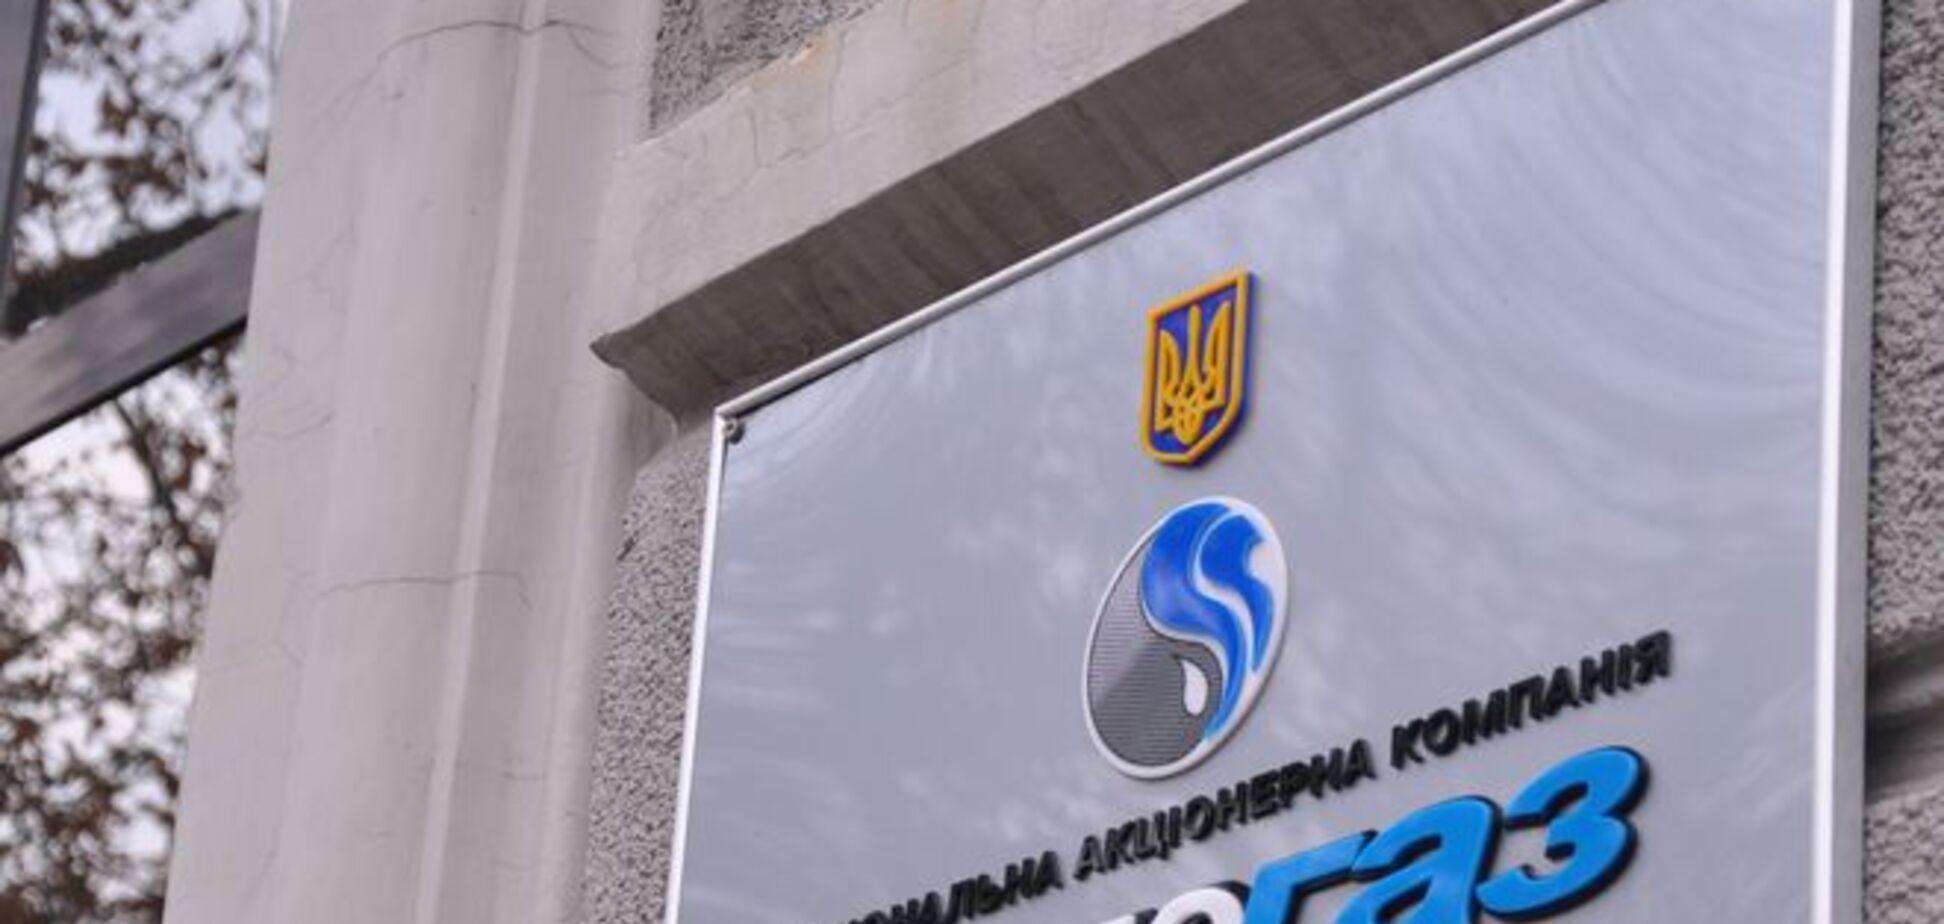 Похищенные из офиса 'Нафтогаза' документы нашлись на Киевщине